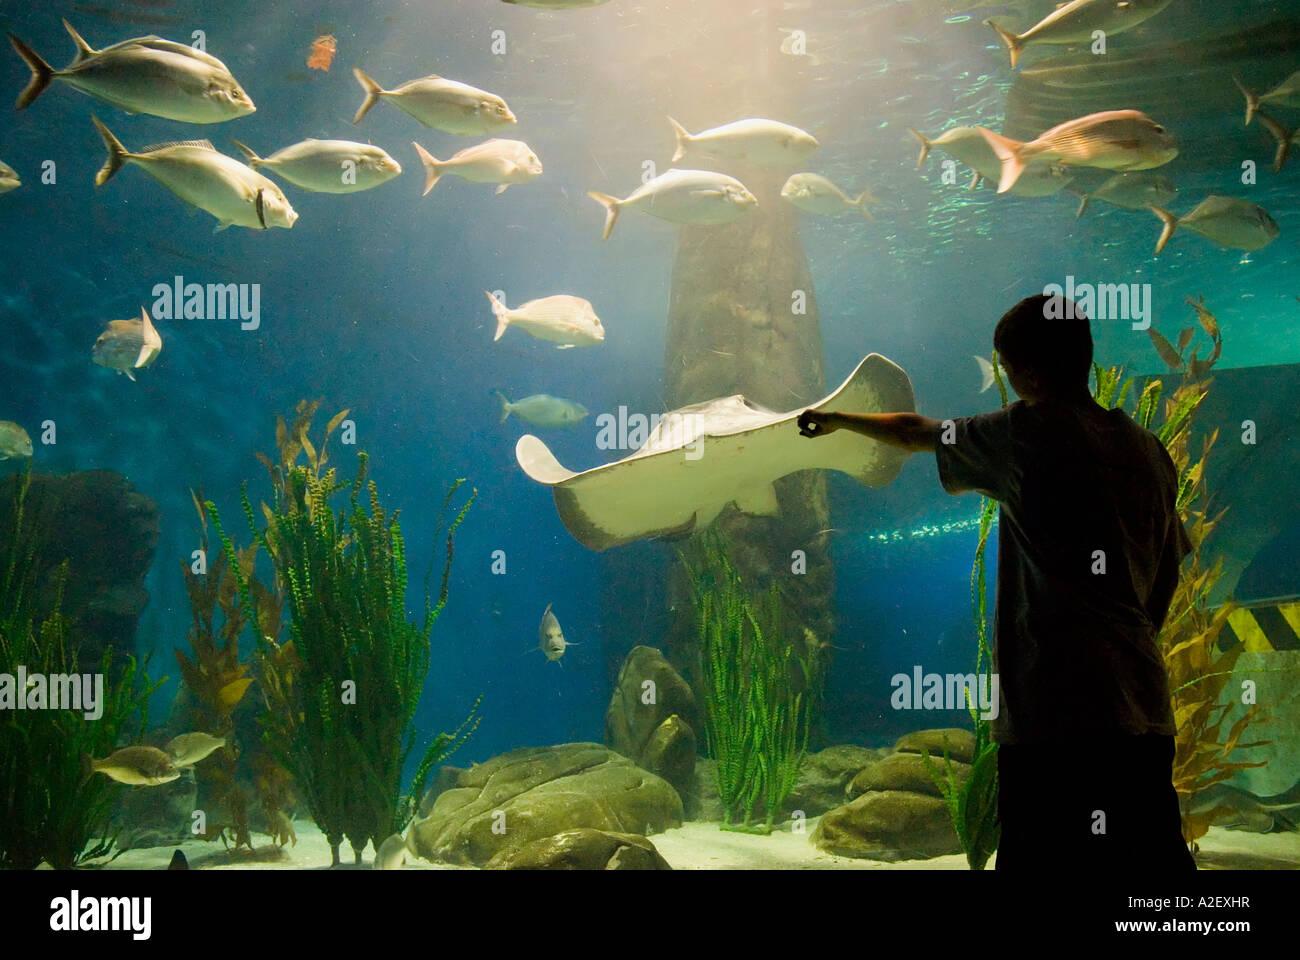 Freshwater aquarium fish melbourne - Boy Pointing At Marine Life Stingrays Sharks In Oceanarium Fish Bowl Melbourne Aquarium Victoria Australia